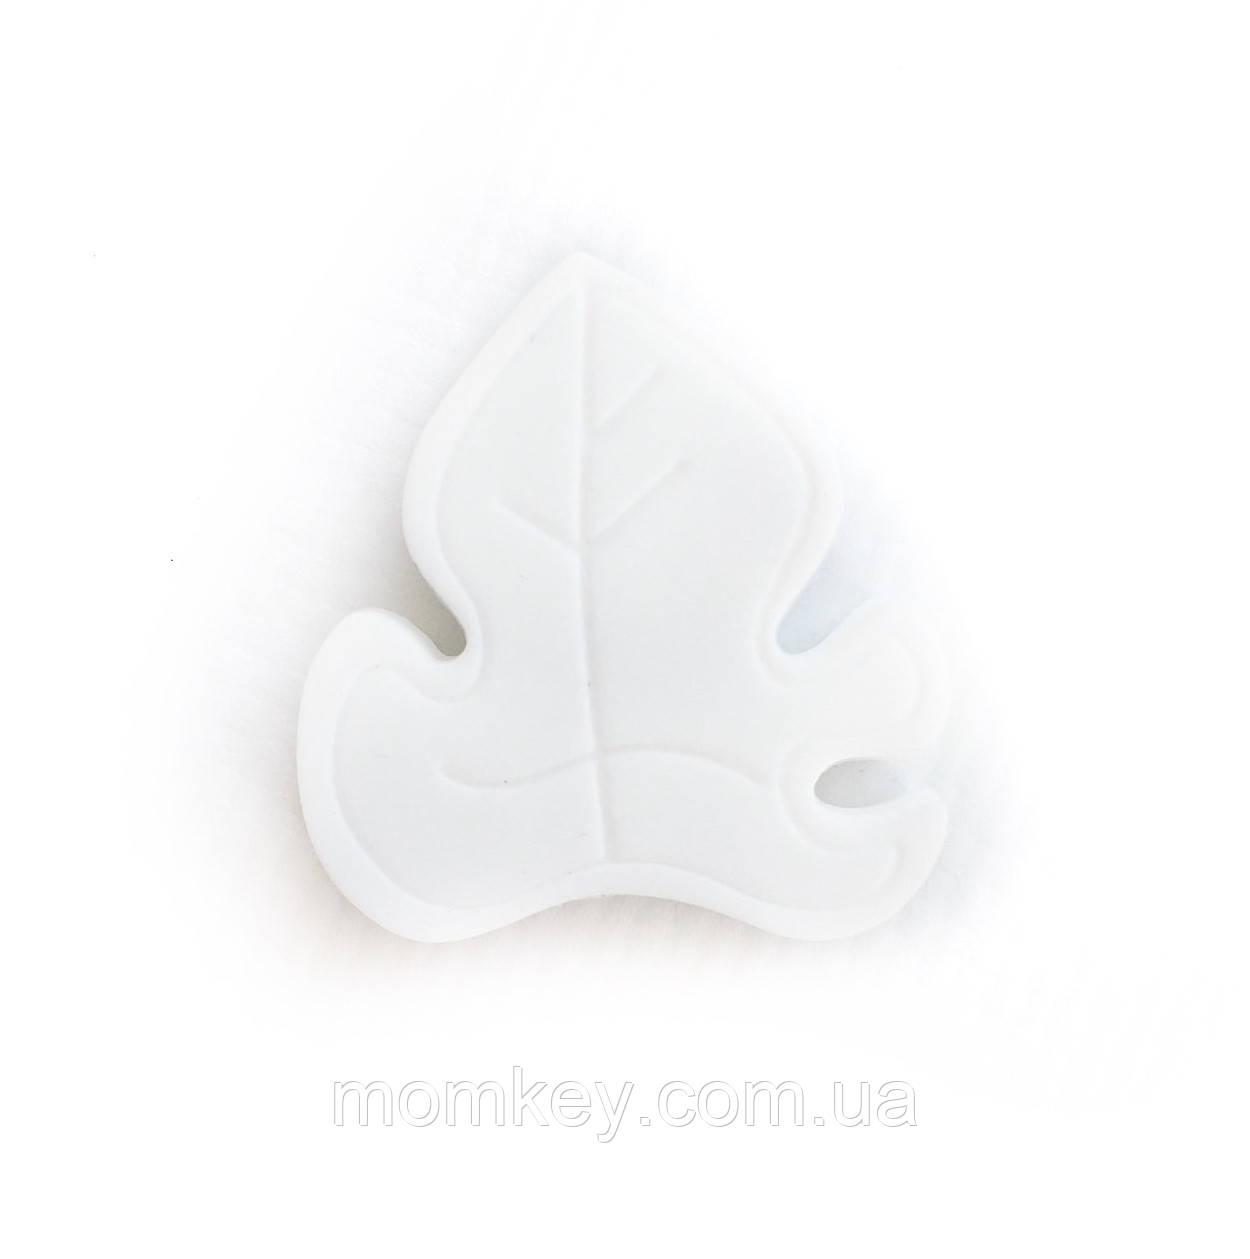 Листочек 2 (белый)